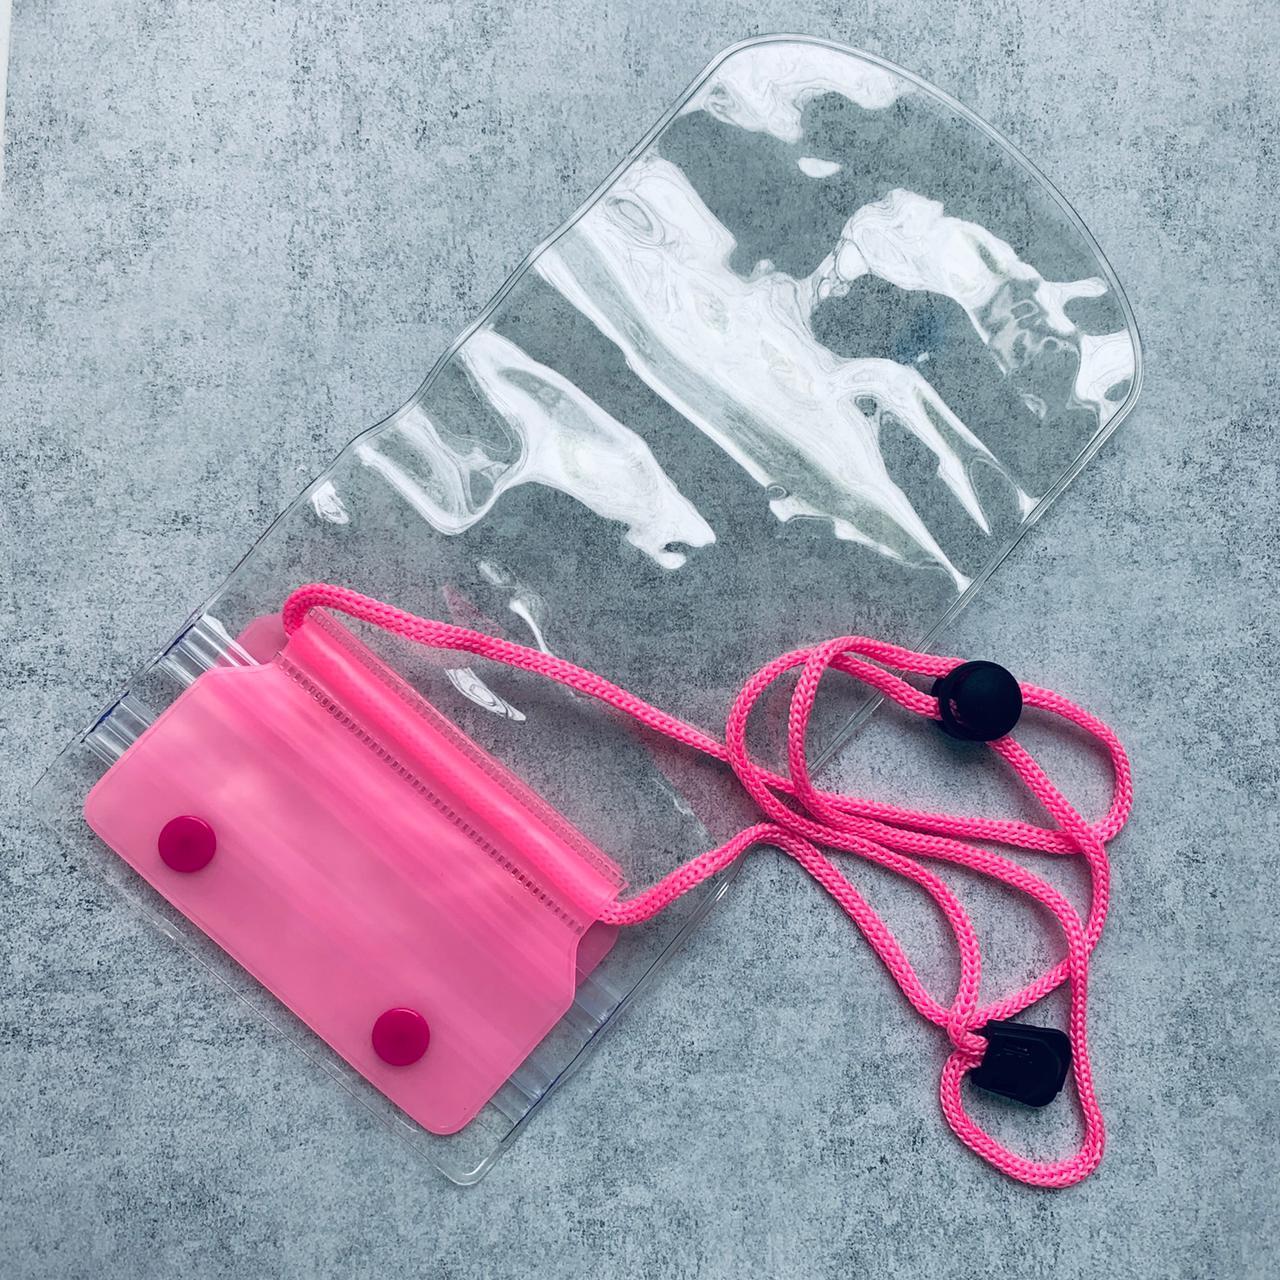 Водонепроницаемый чехол для смартфонов  19*12 см Розовый